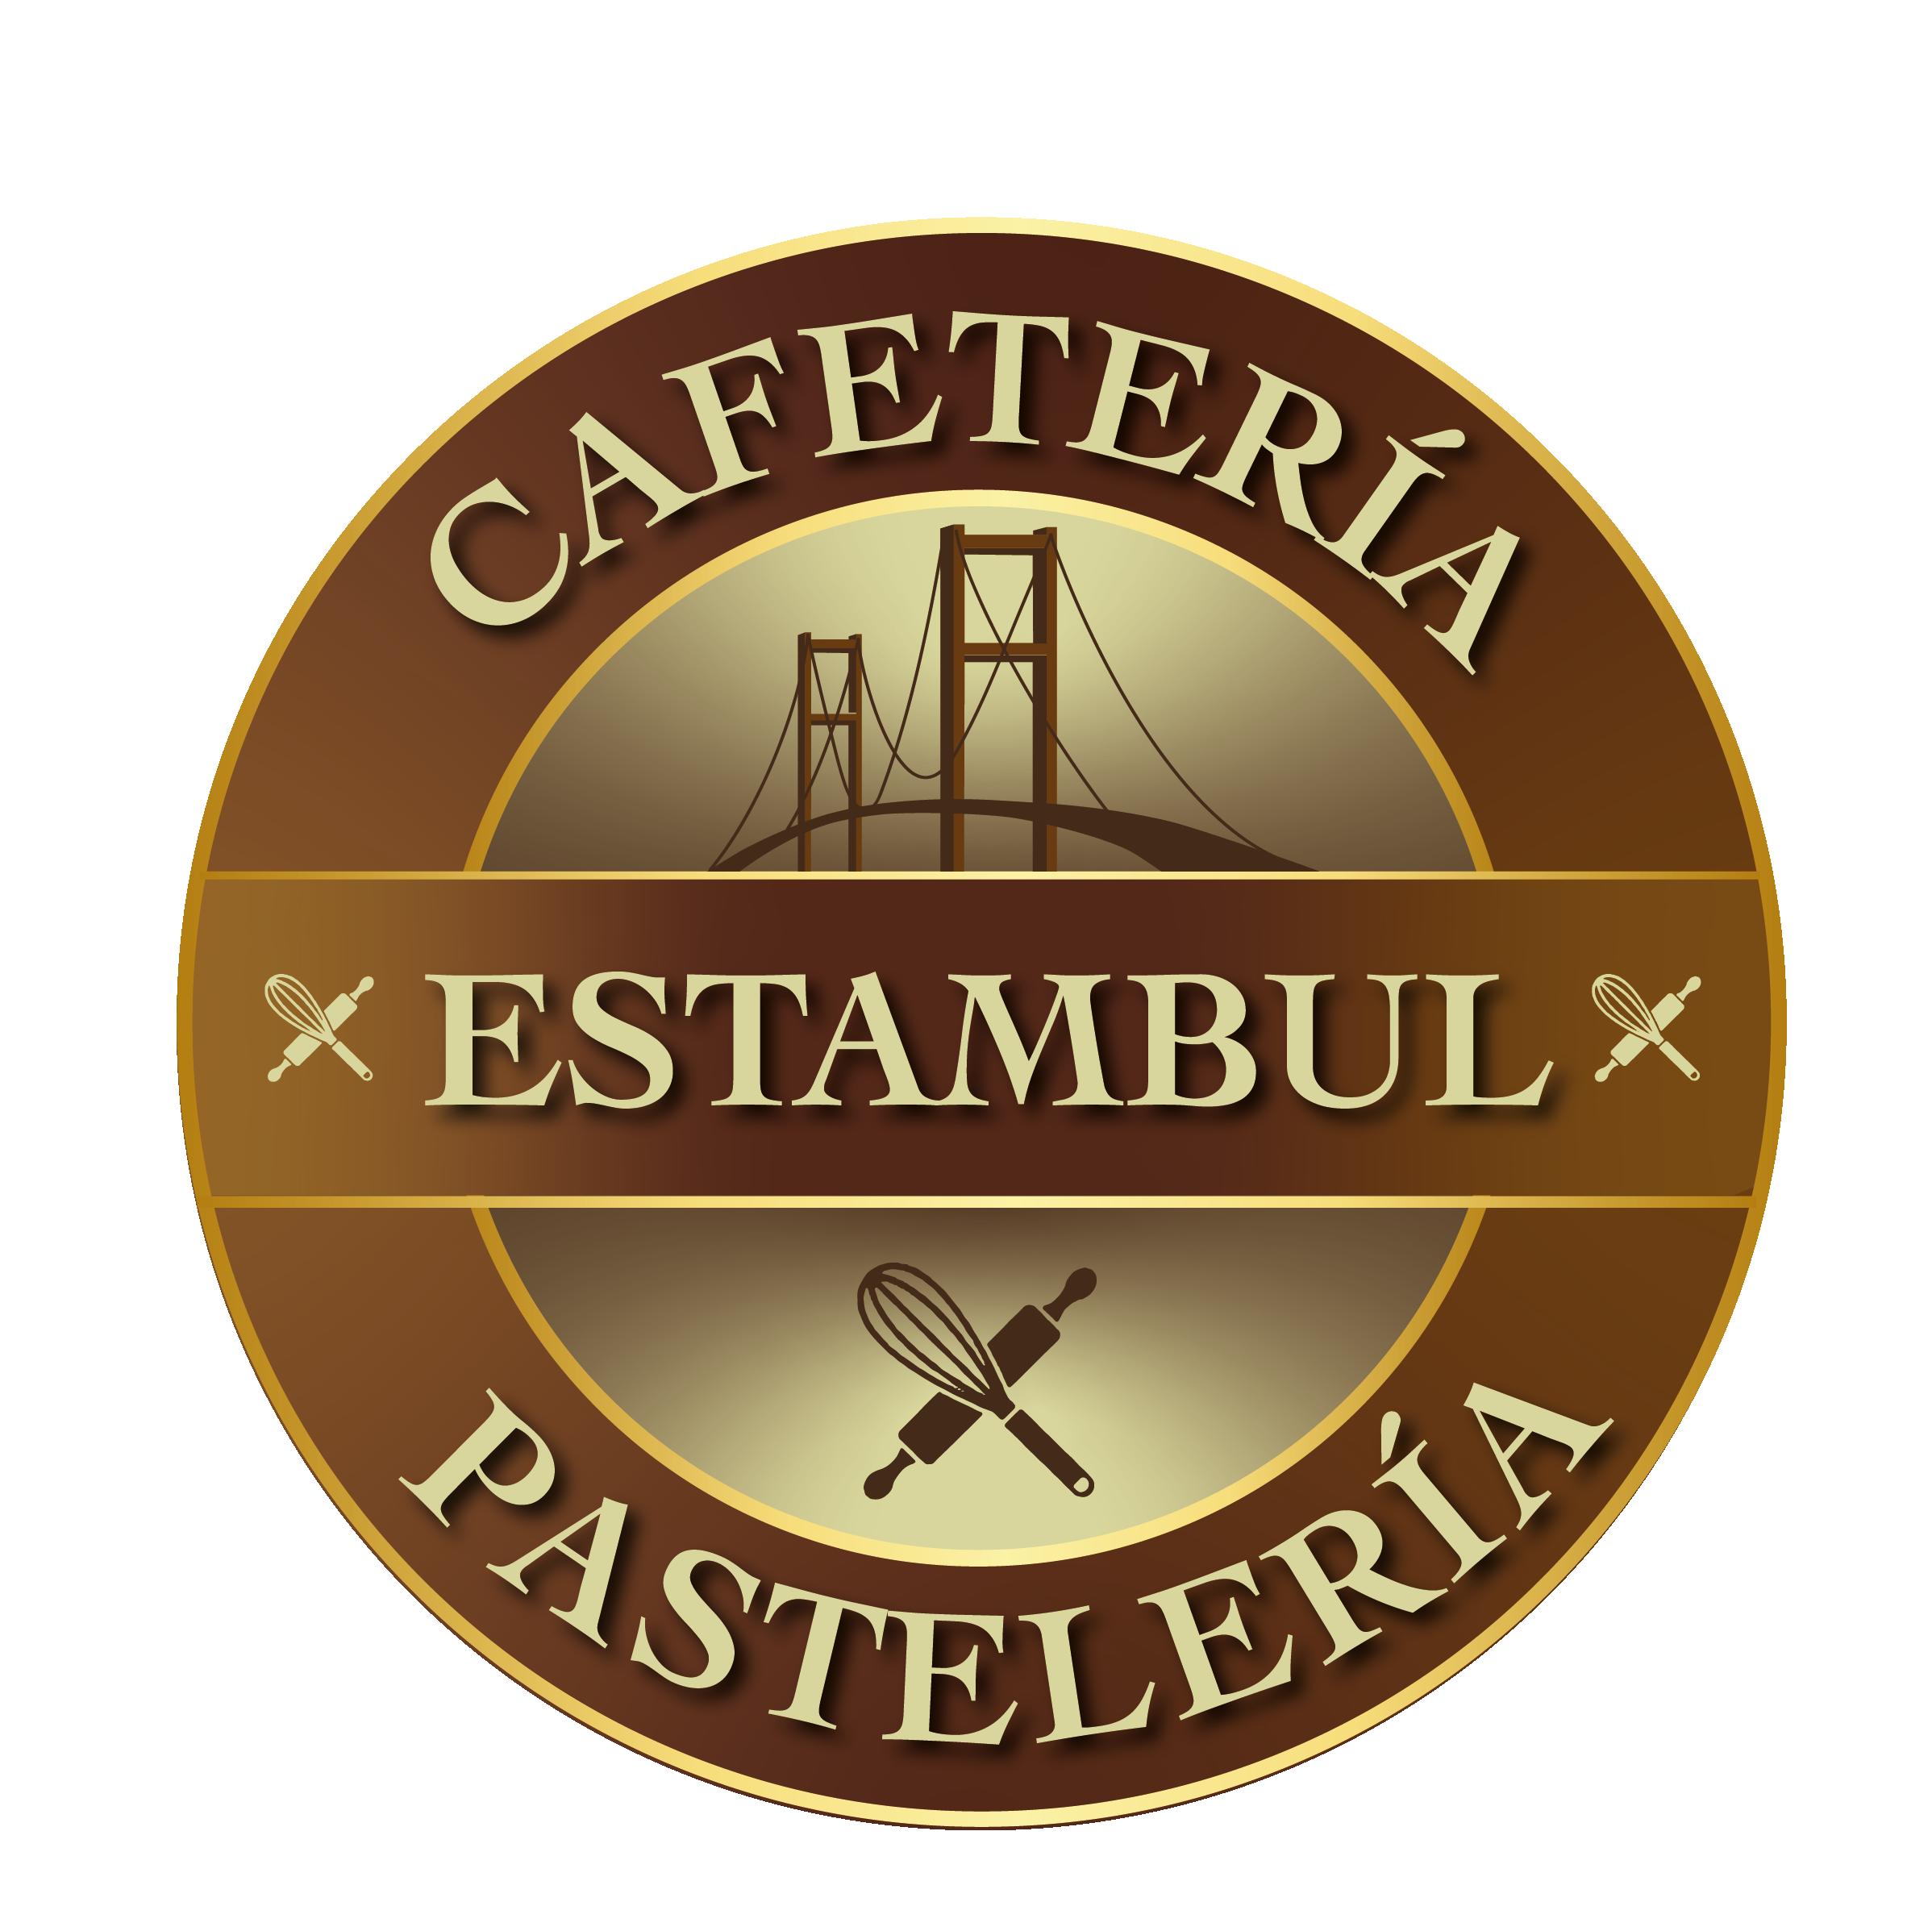 Pastelería Estambul